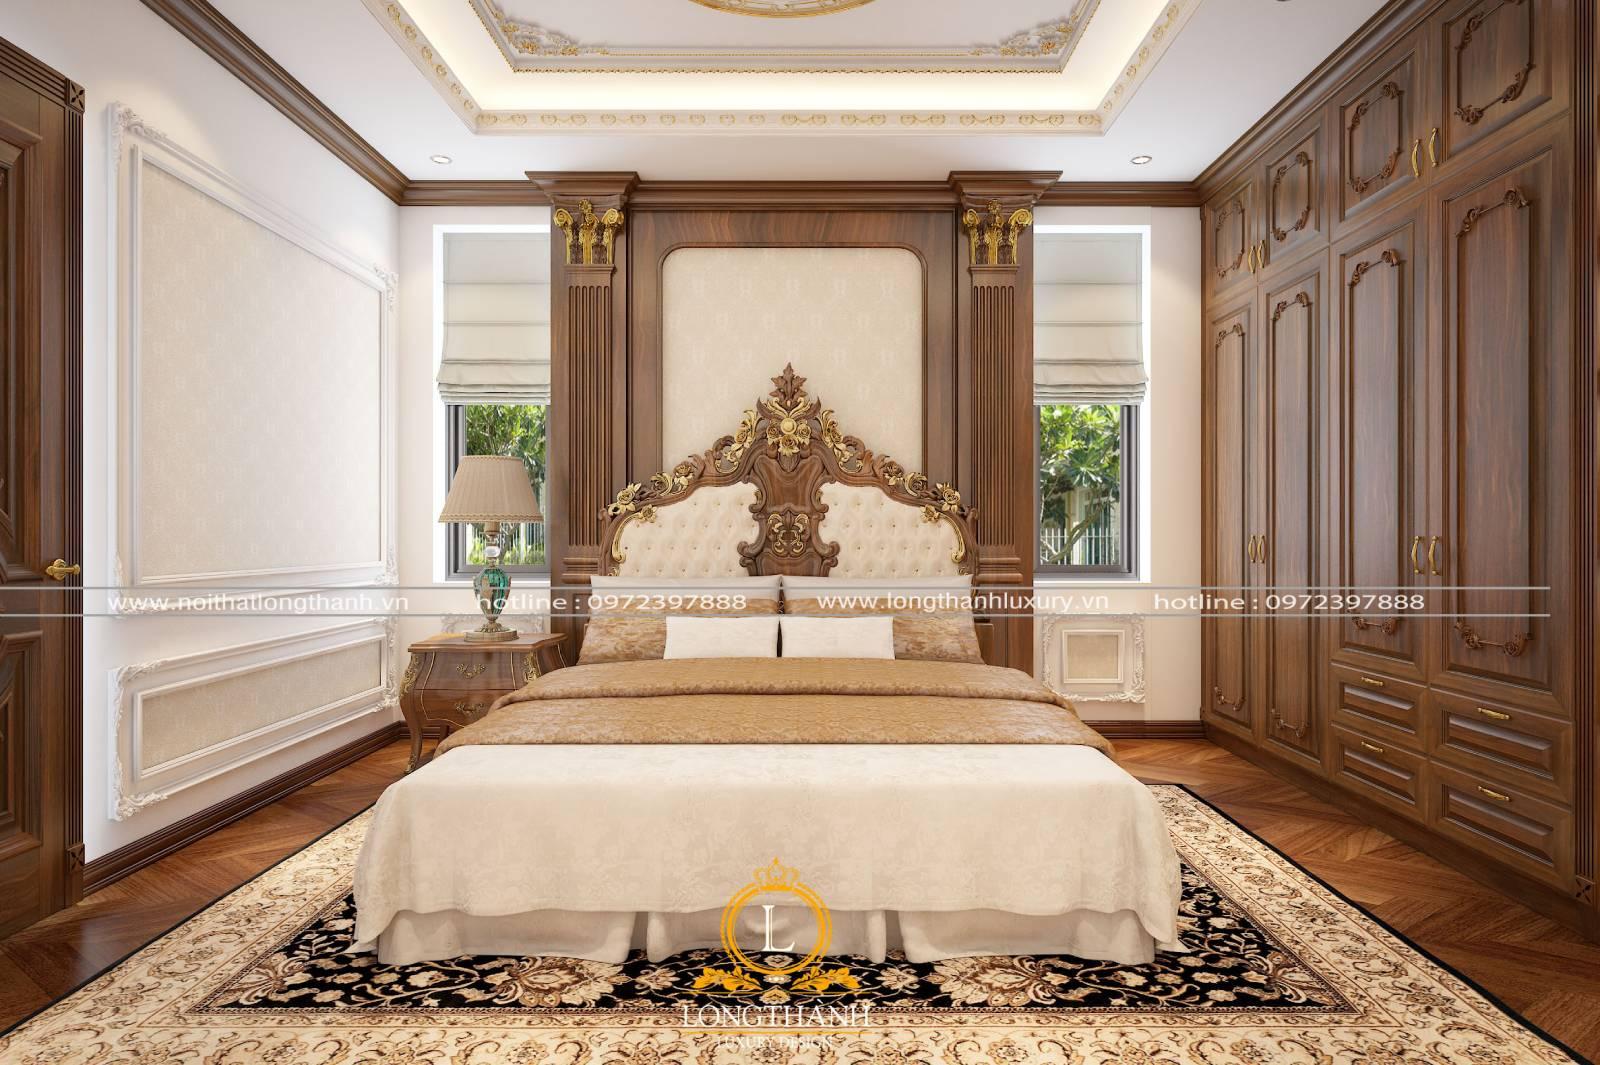 Các đặc điểm cơ bản của thiết kế giường ngủ master phong cách tân cổ điển